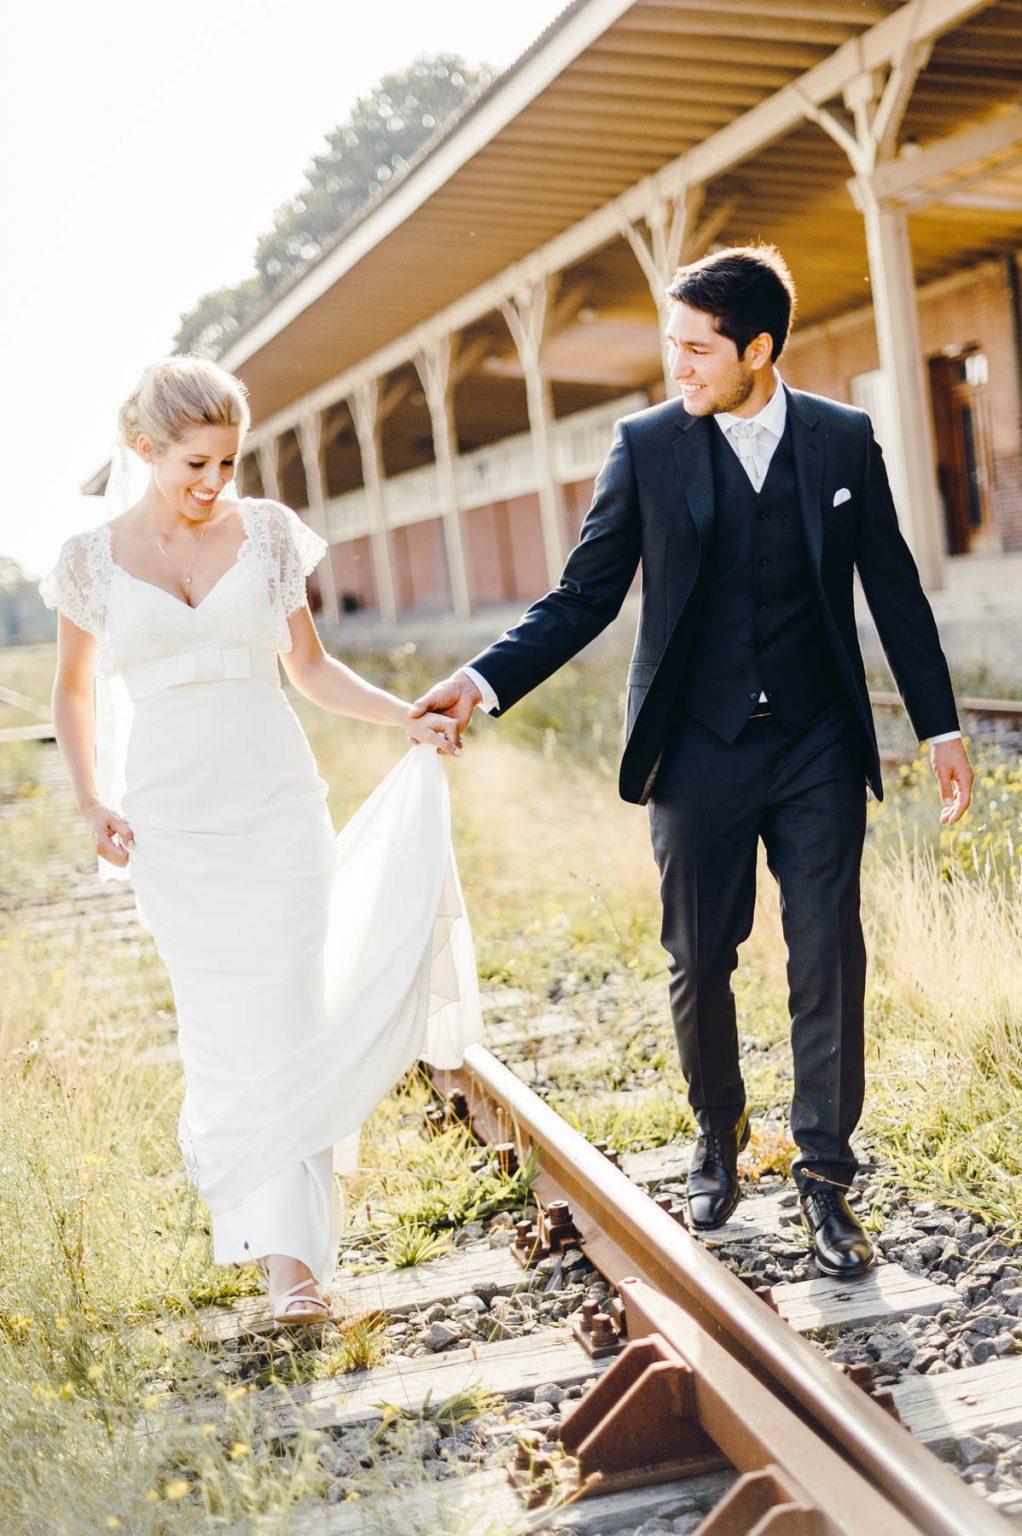 Hochzeitsportrait auf Bahngleisen